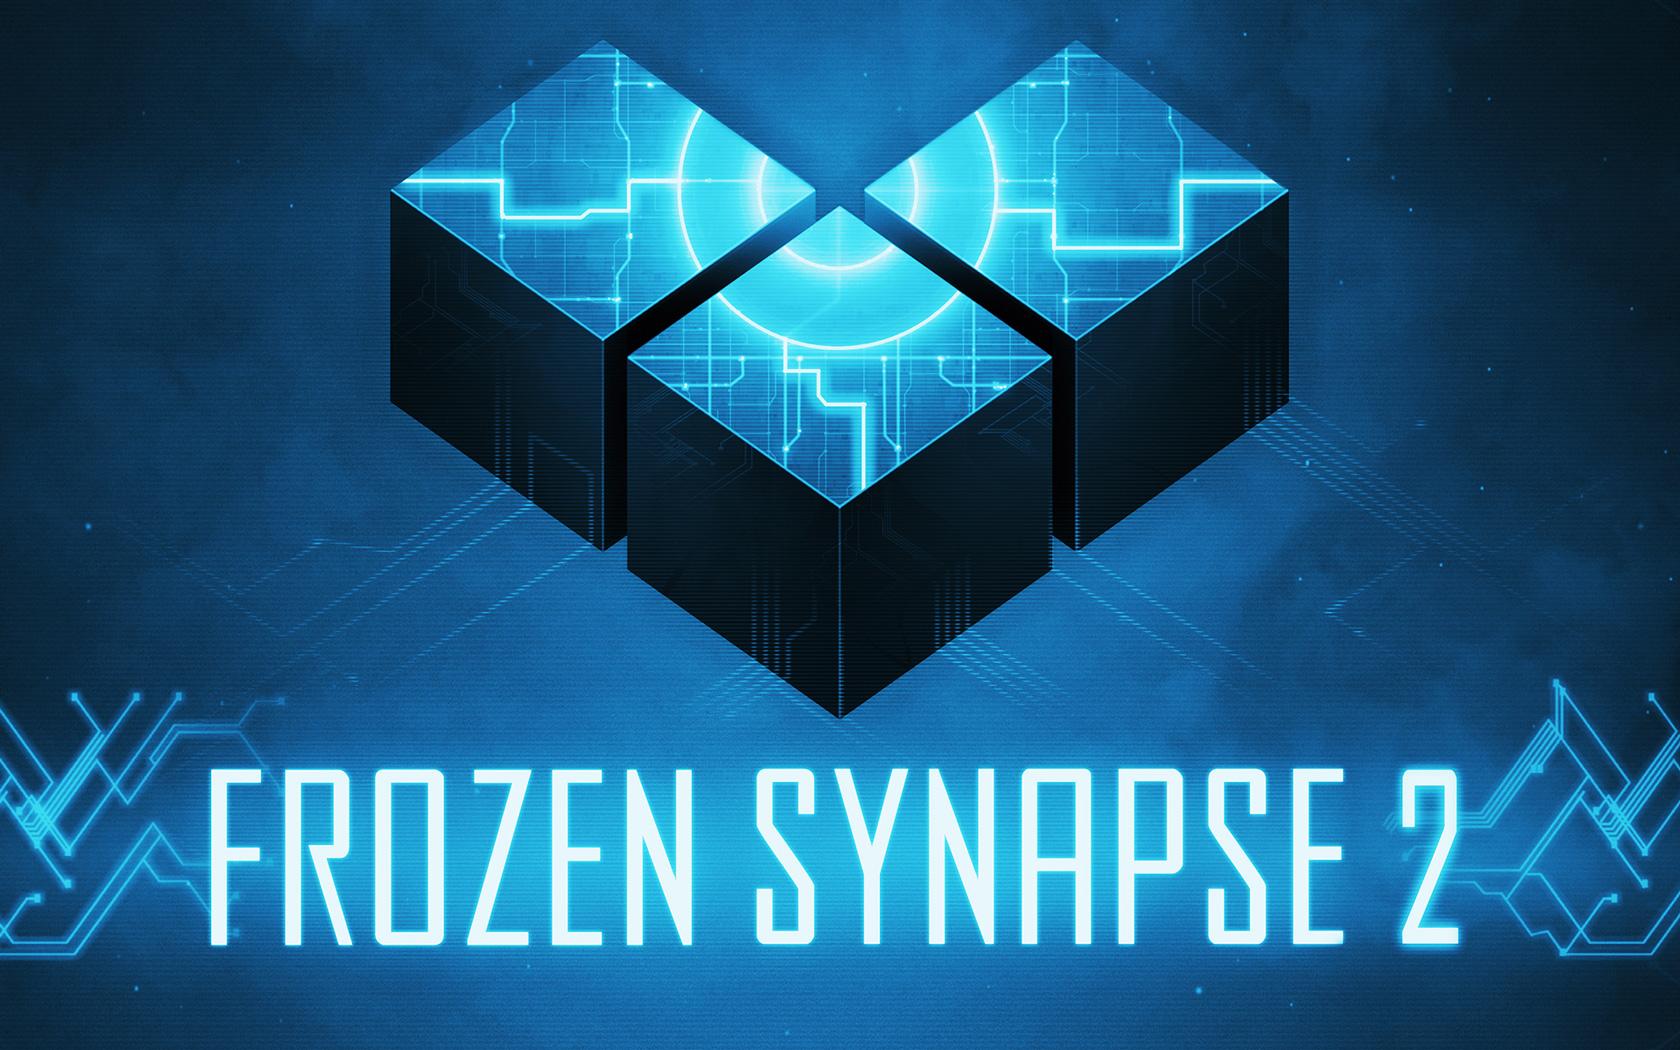 Free Frozen Synapse 2 Wallpaper in 1680x1050